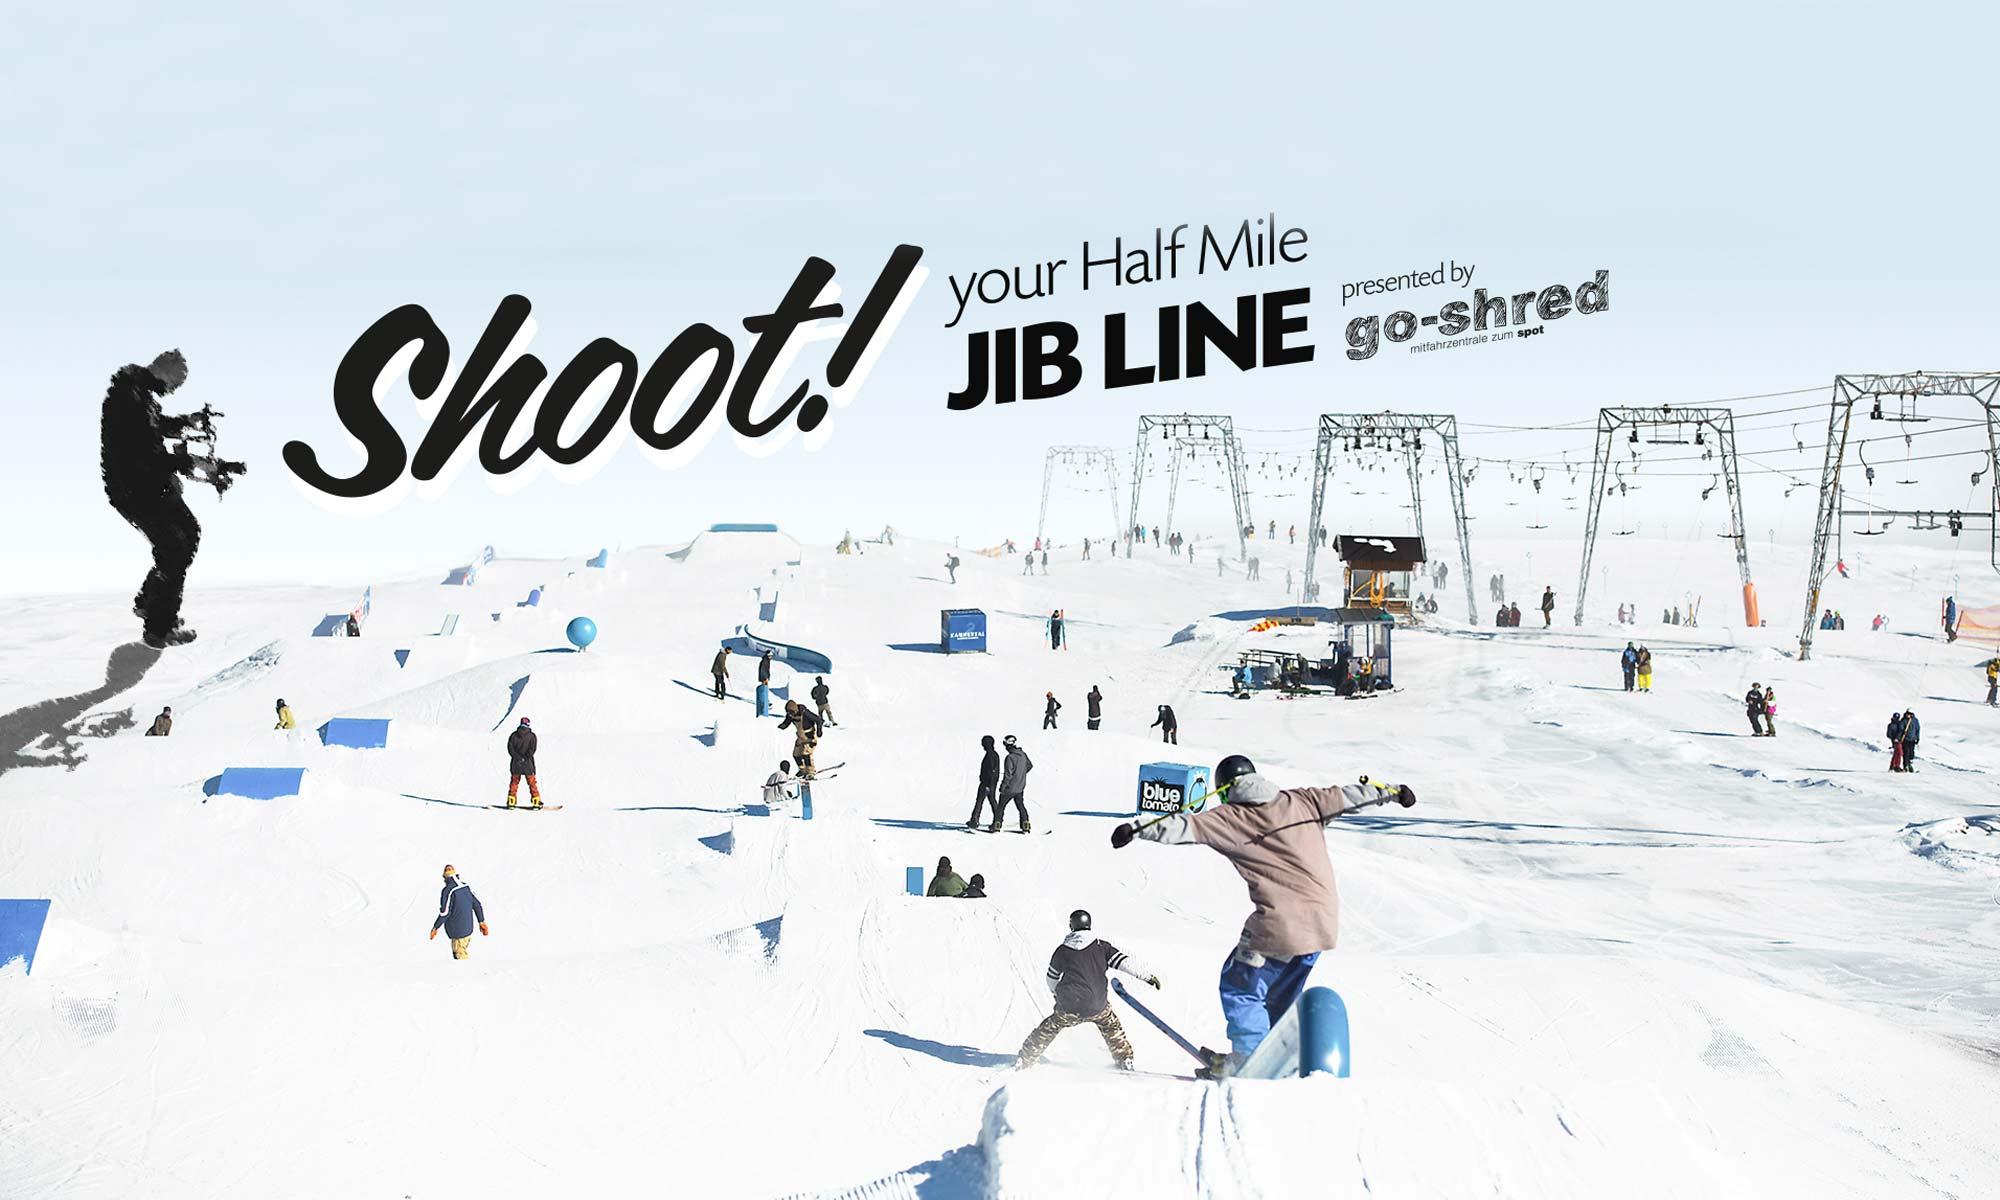 shoot_y_halfmile2-1